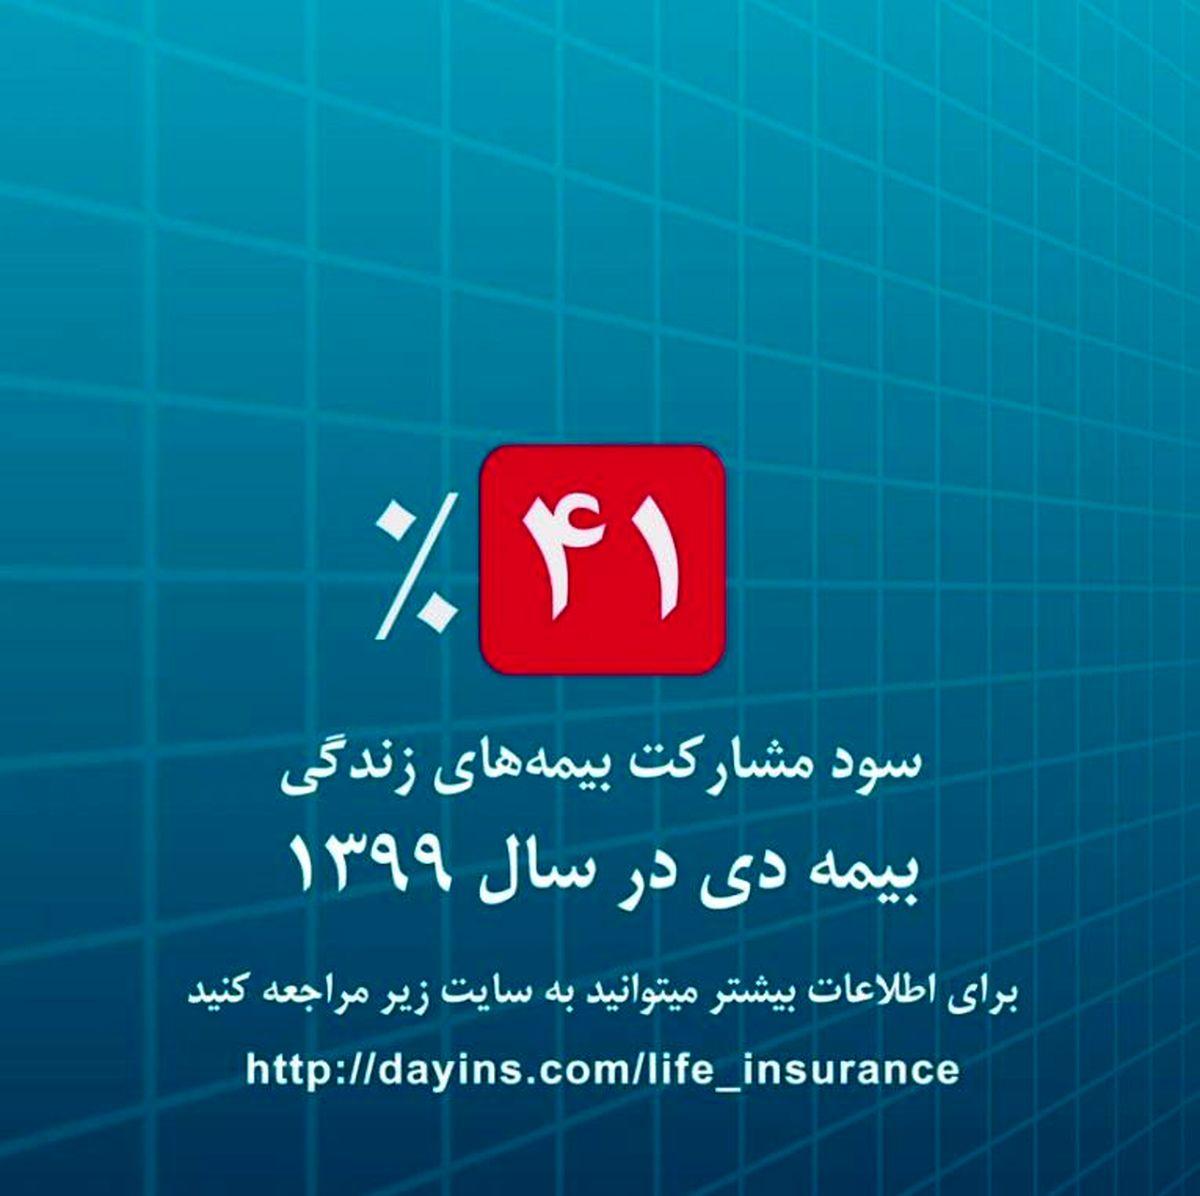 بیمه های زندگی بیمه دی سودآورتر از همیشه/ تحقق ٤١ درصدی سود مشارکت در منافع